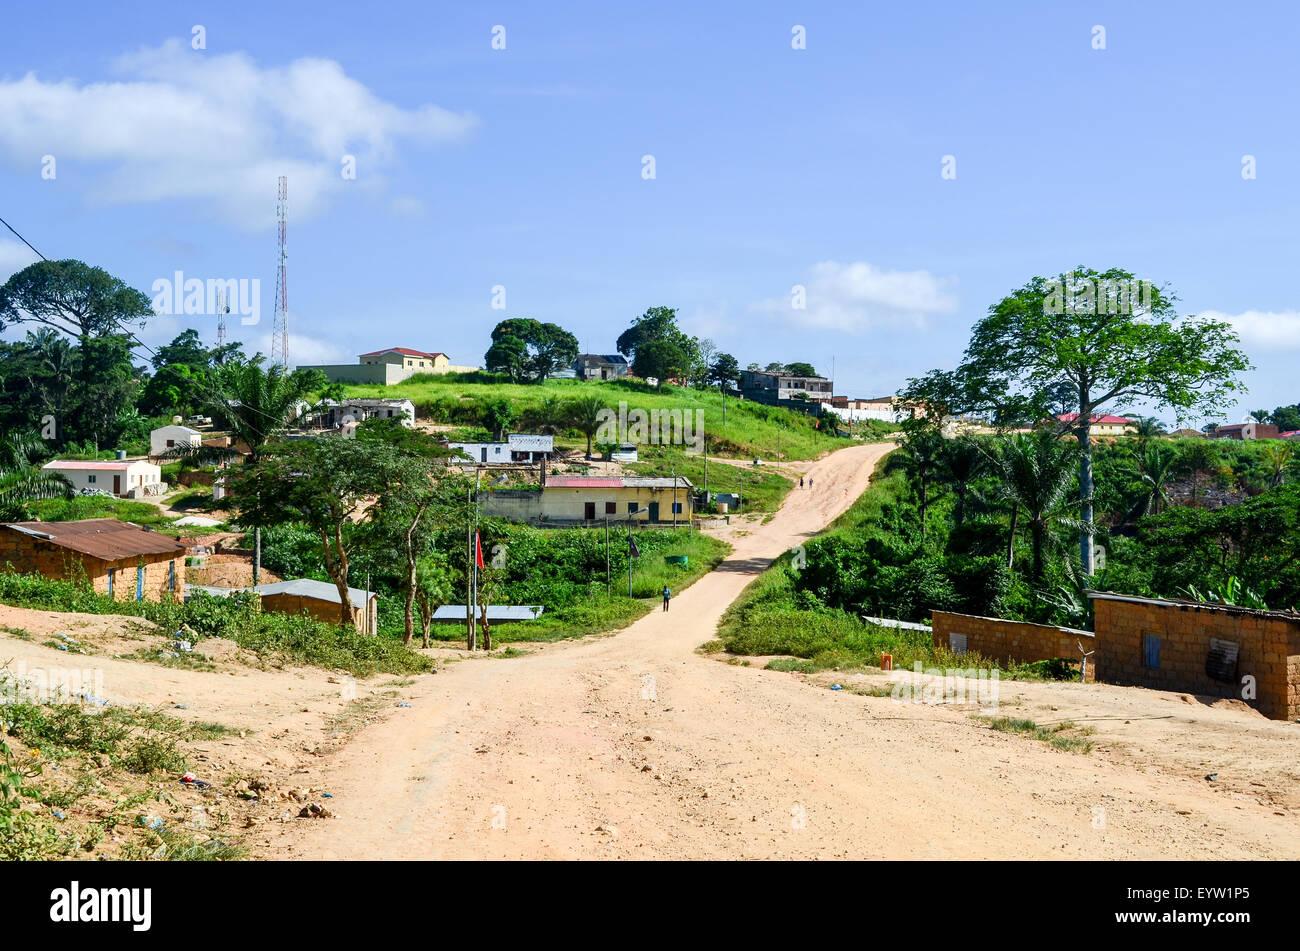 Village of Ngonguembo, Angola - Stock Image